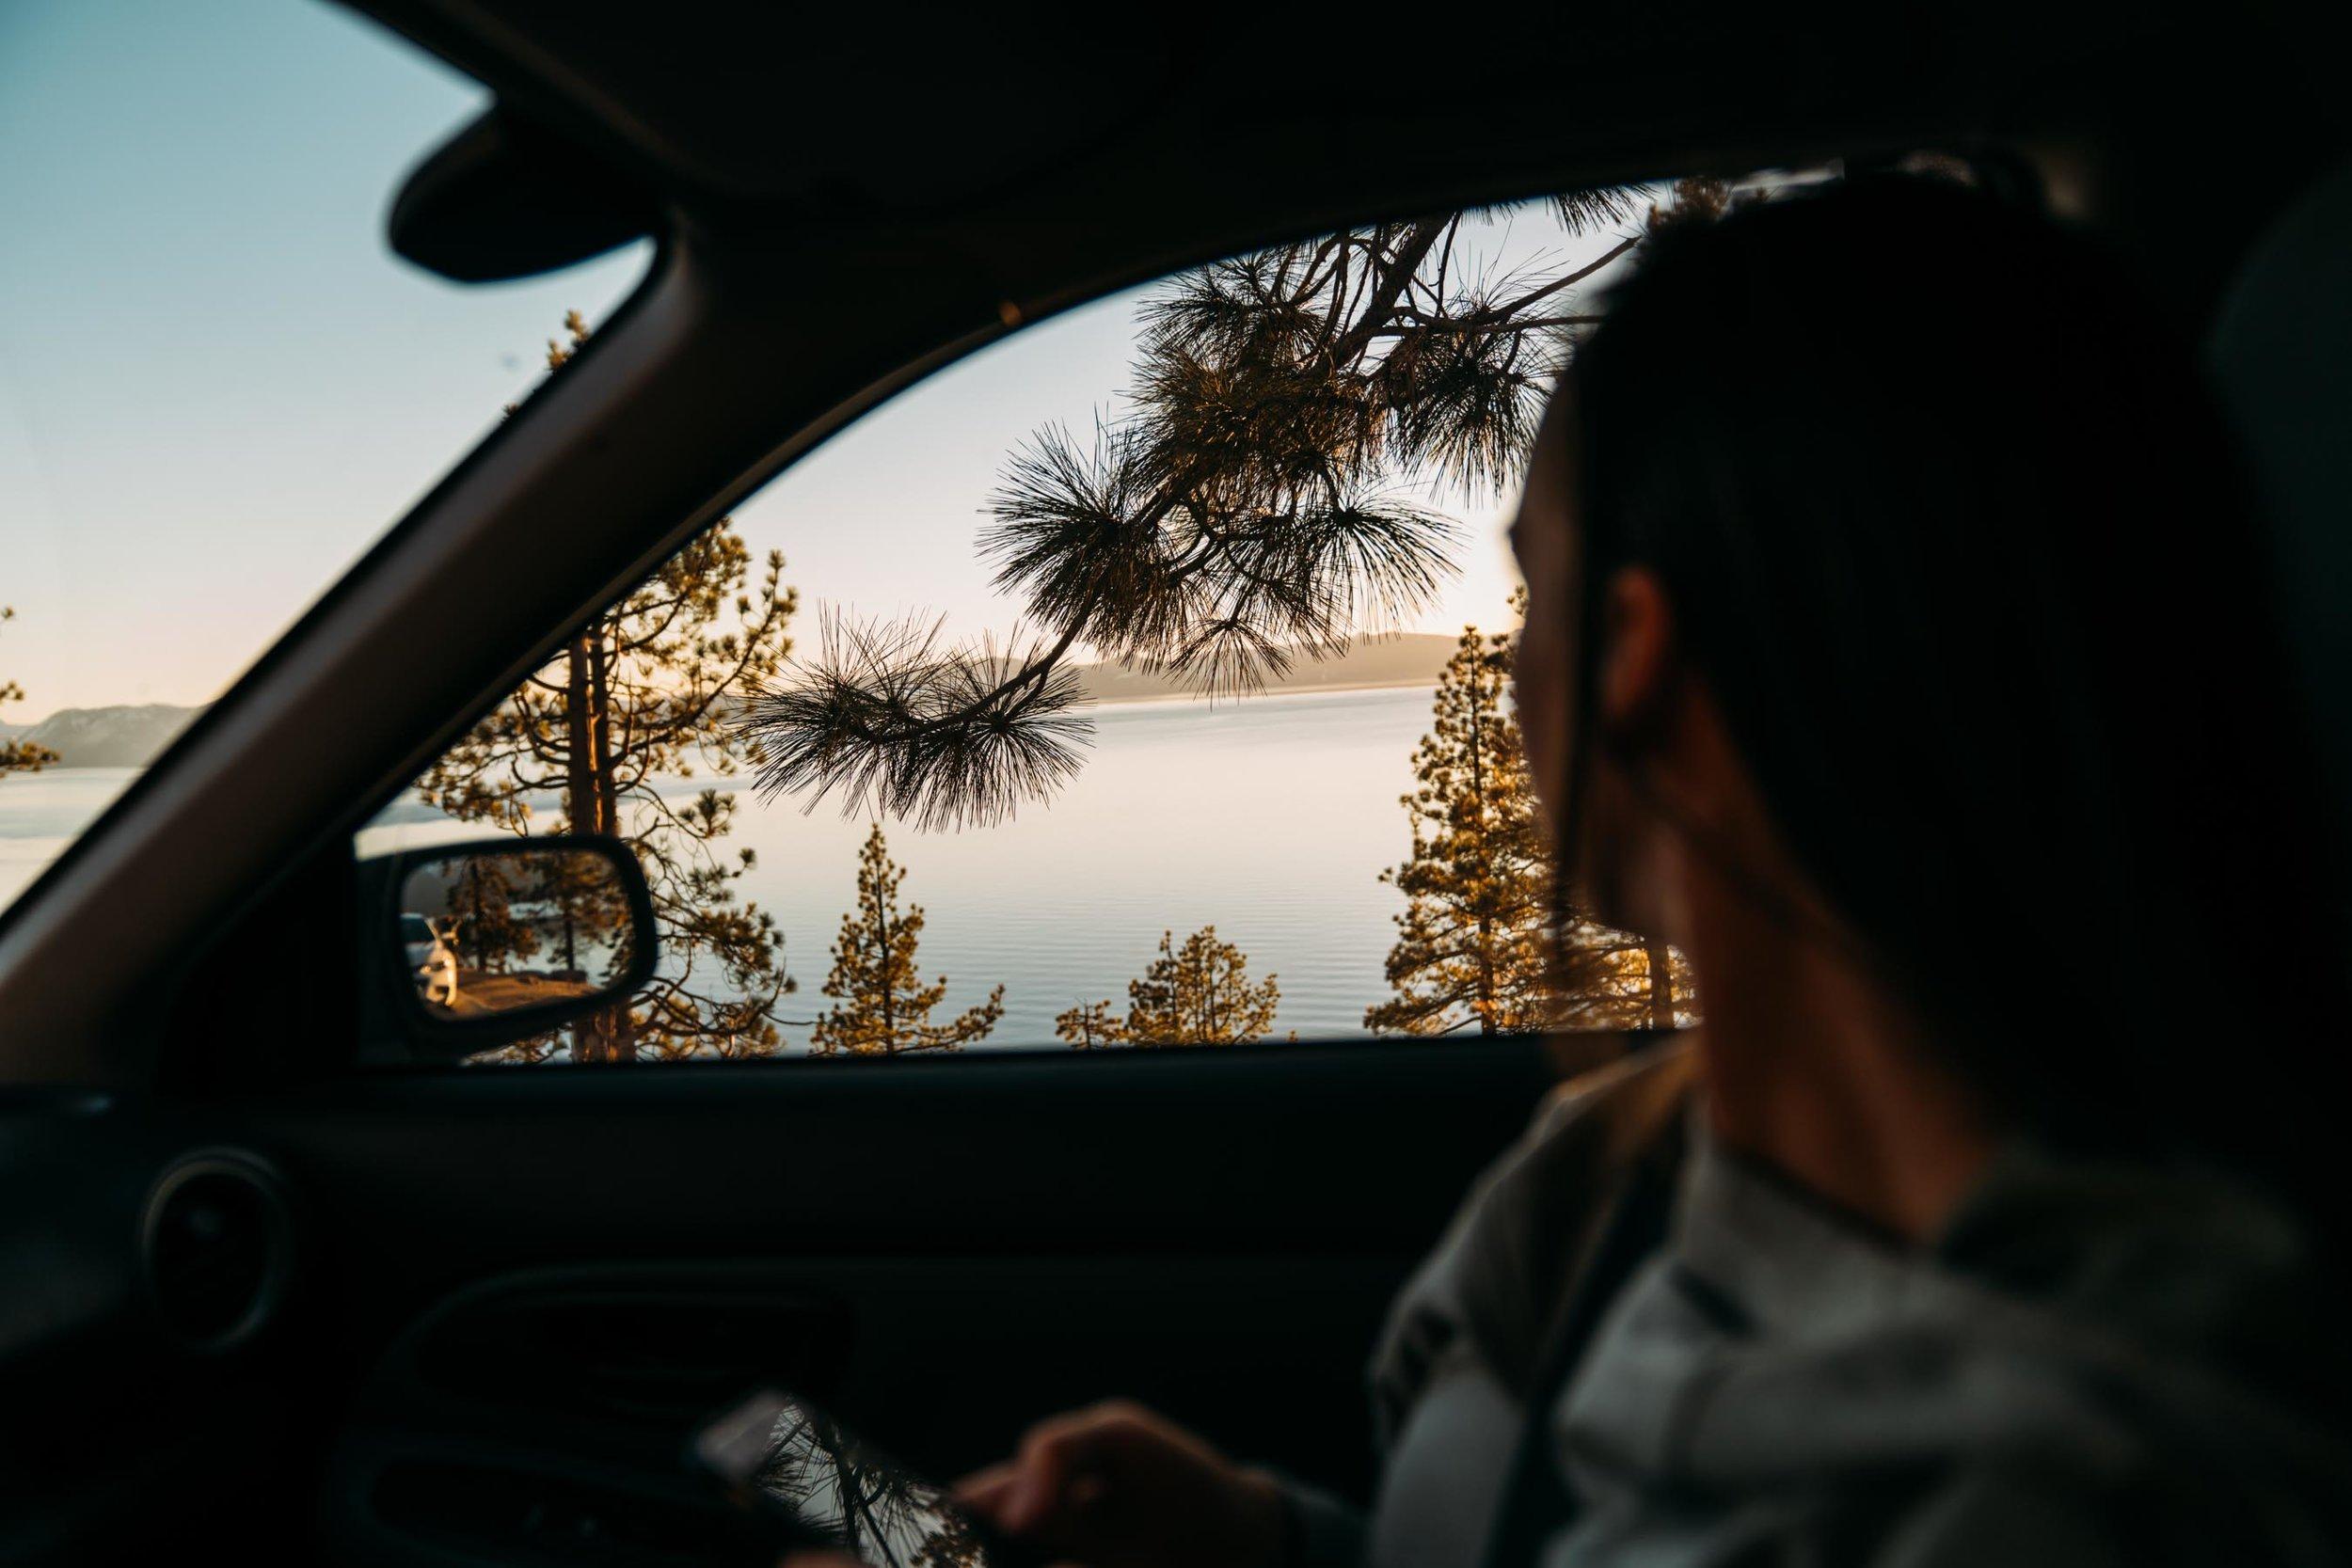 kyson-dana-lake-tahoe-1.jpeg